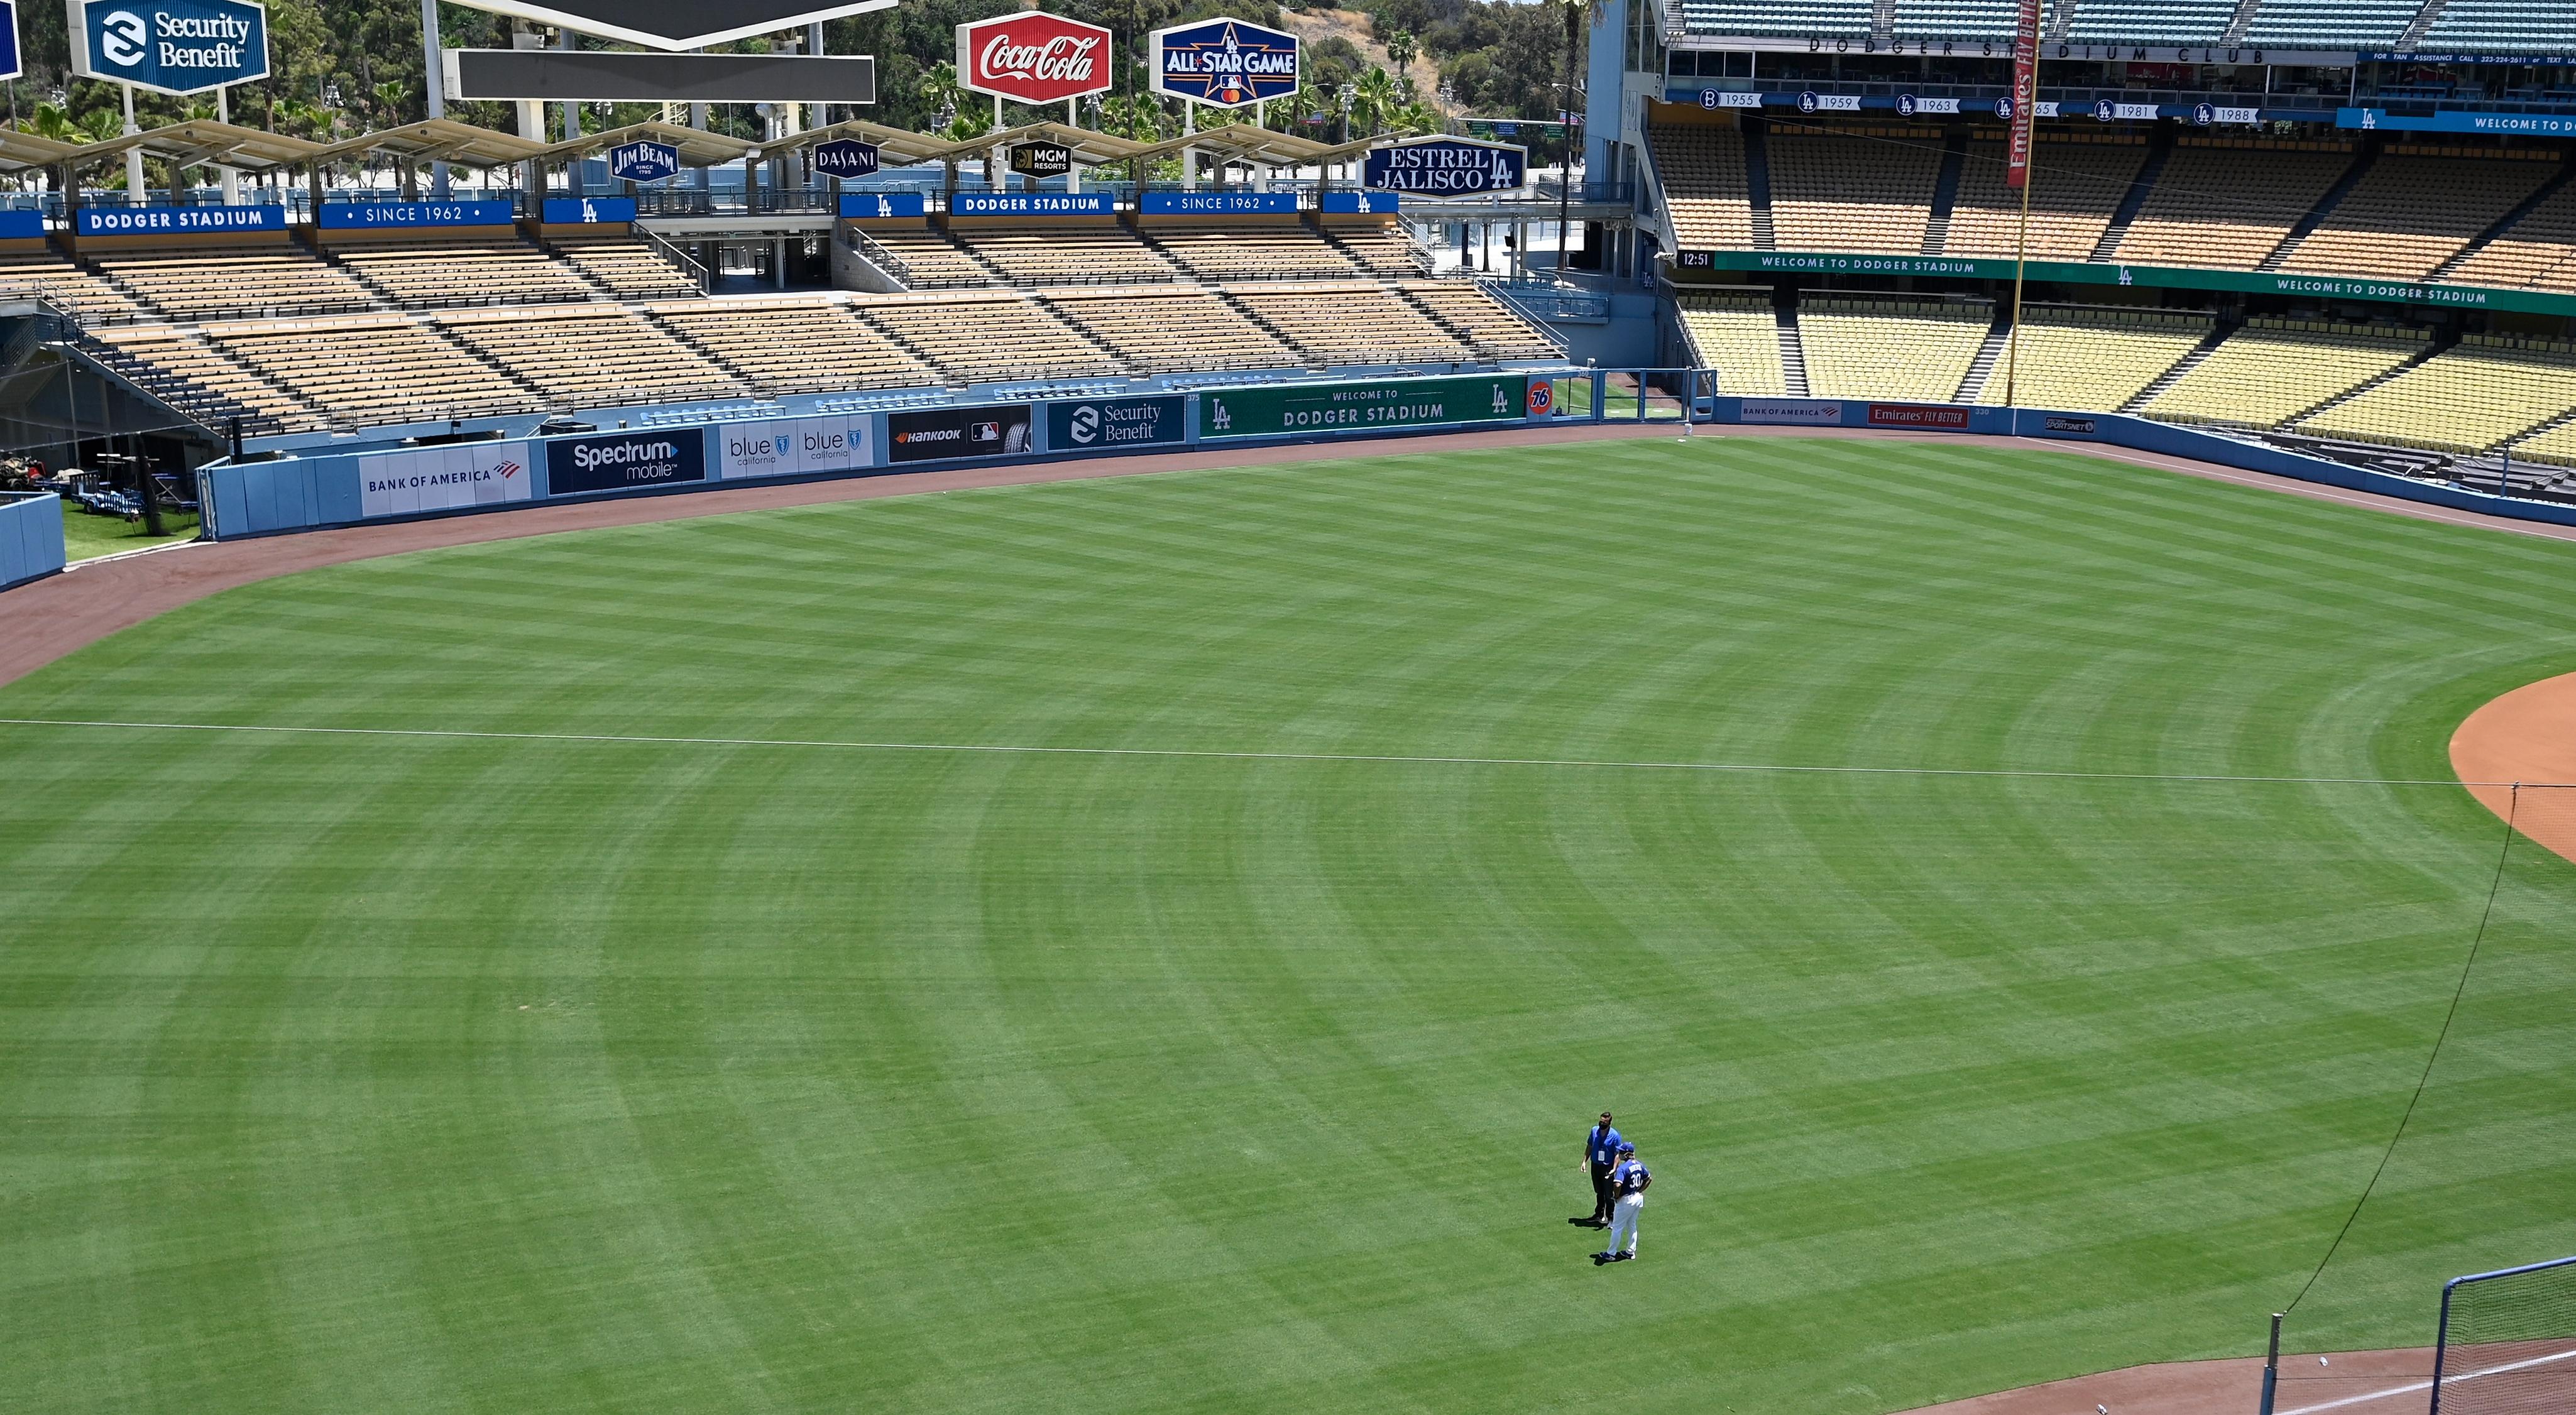 AHORA - El estadio de Los Angeles Dodgers durante la cuarentena (Robert Hanashiro-USA TODAY Sports)